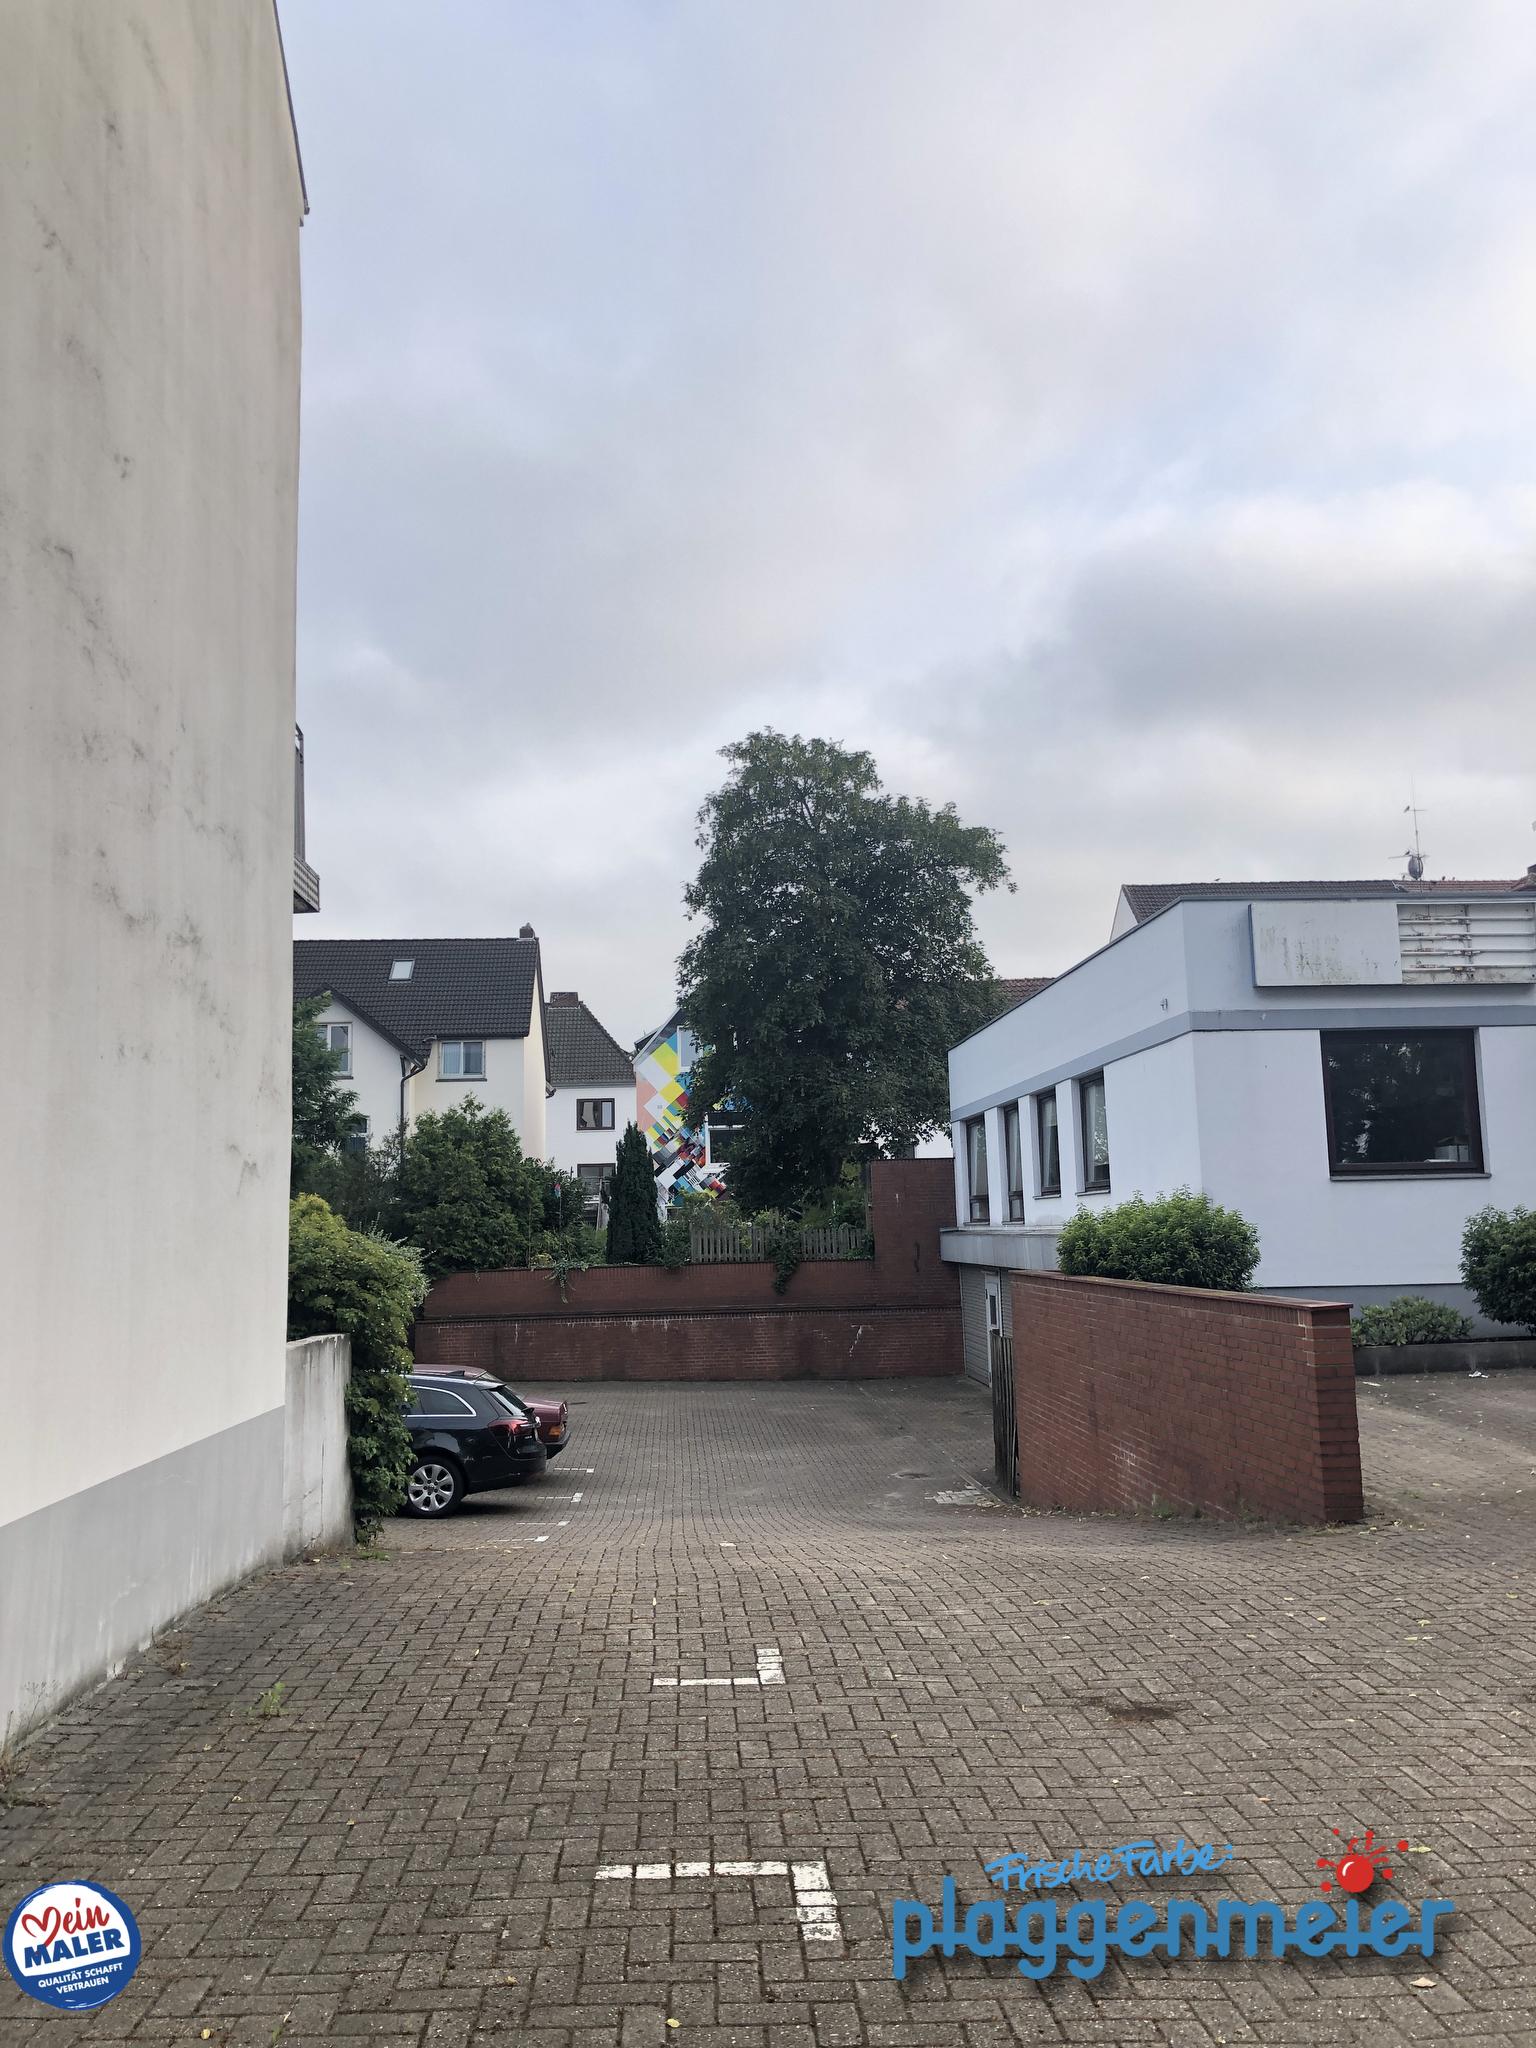 Wo versteckt sich unser Fassadenanstrich mit Graffiti-Kunst? In Bremen Hemelingen nahe beim Maler Plaggenmeier